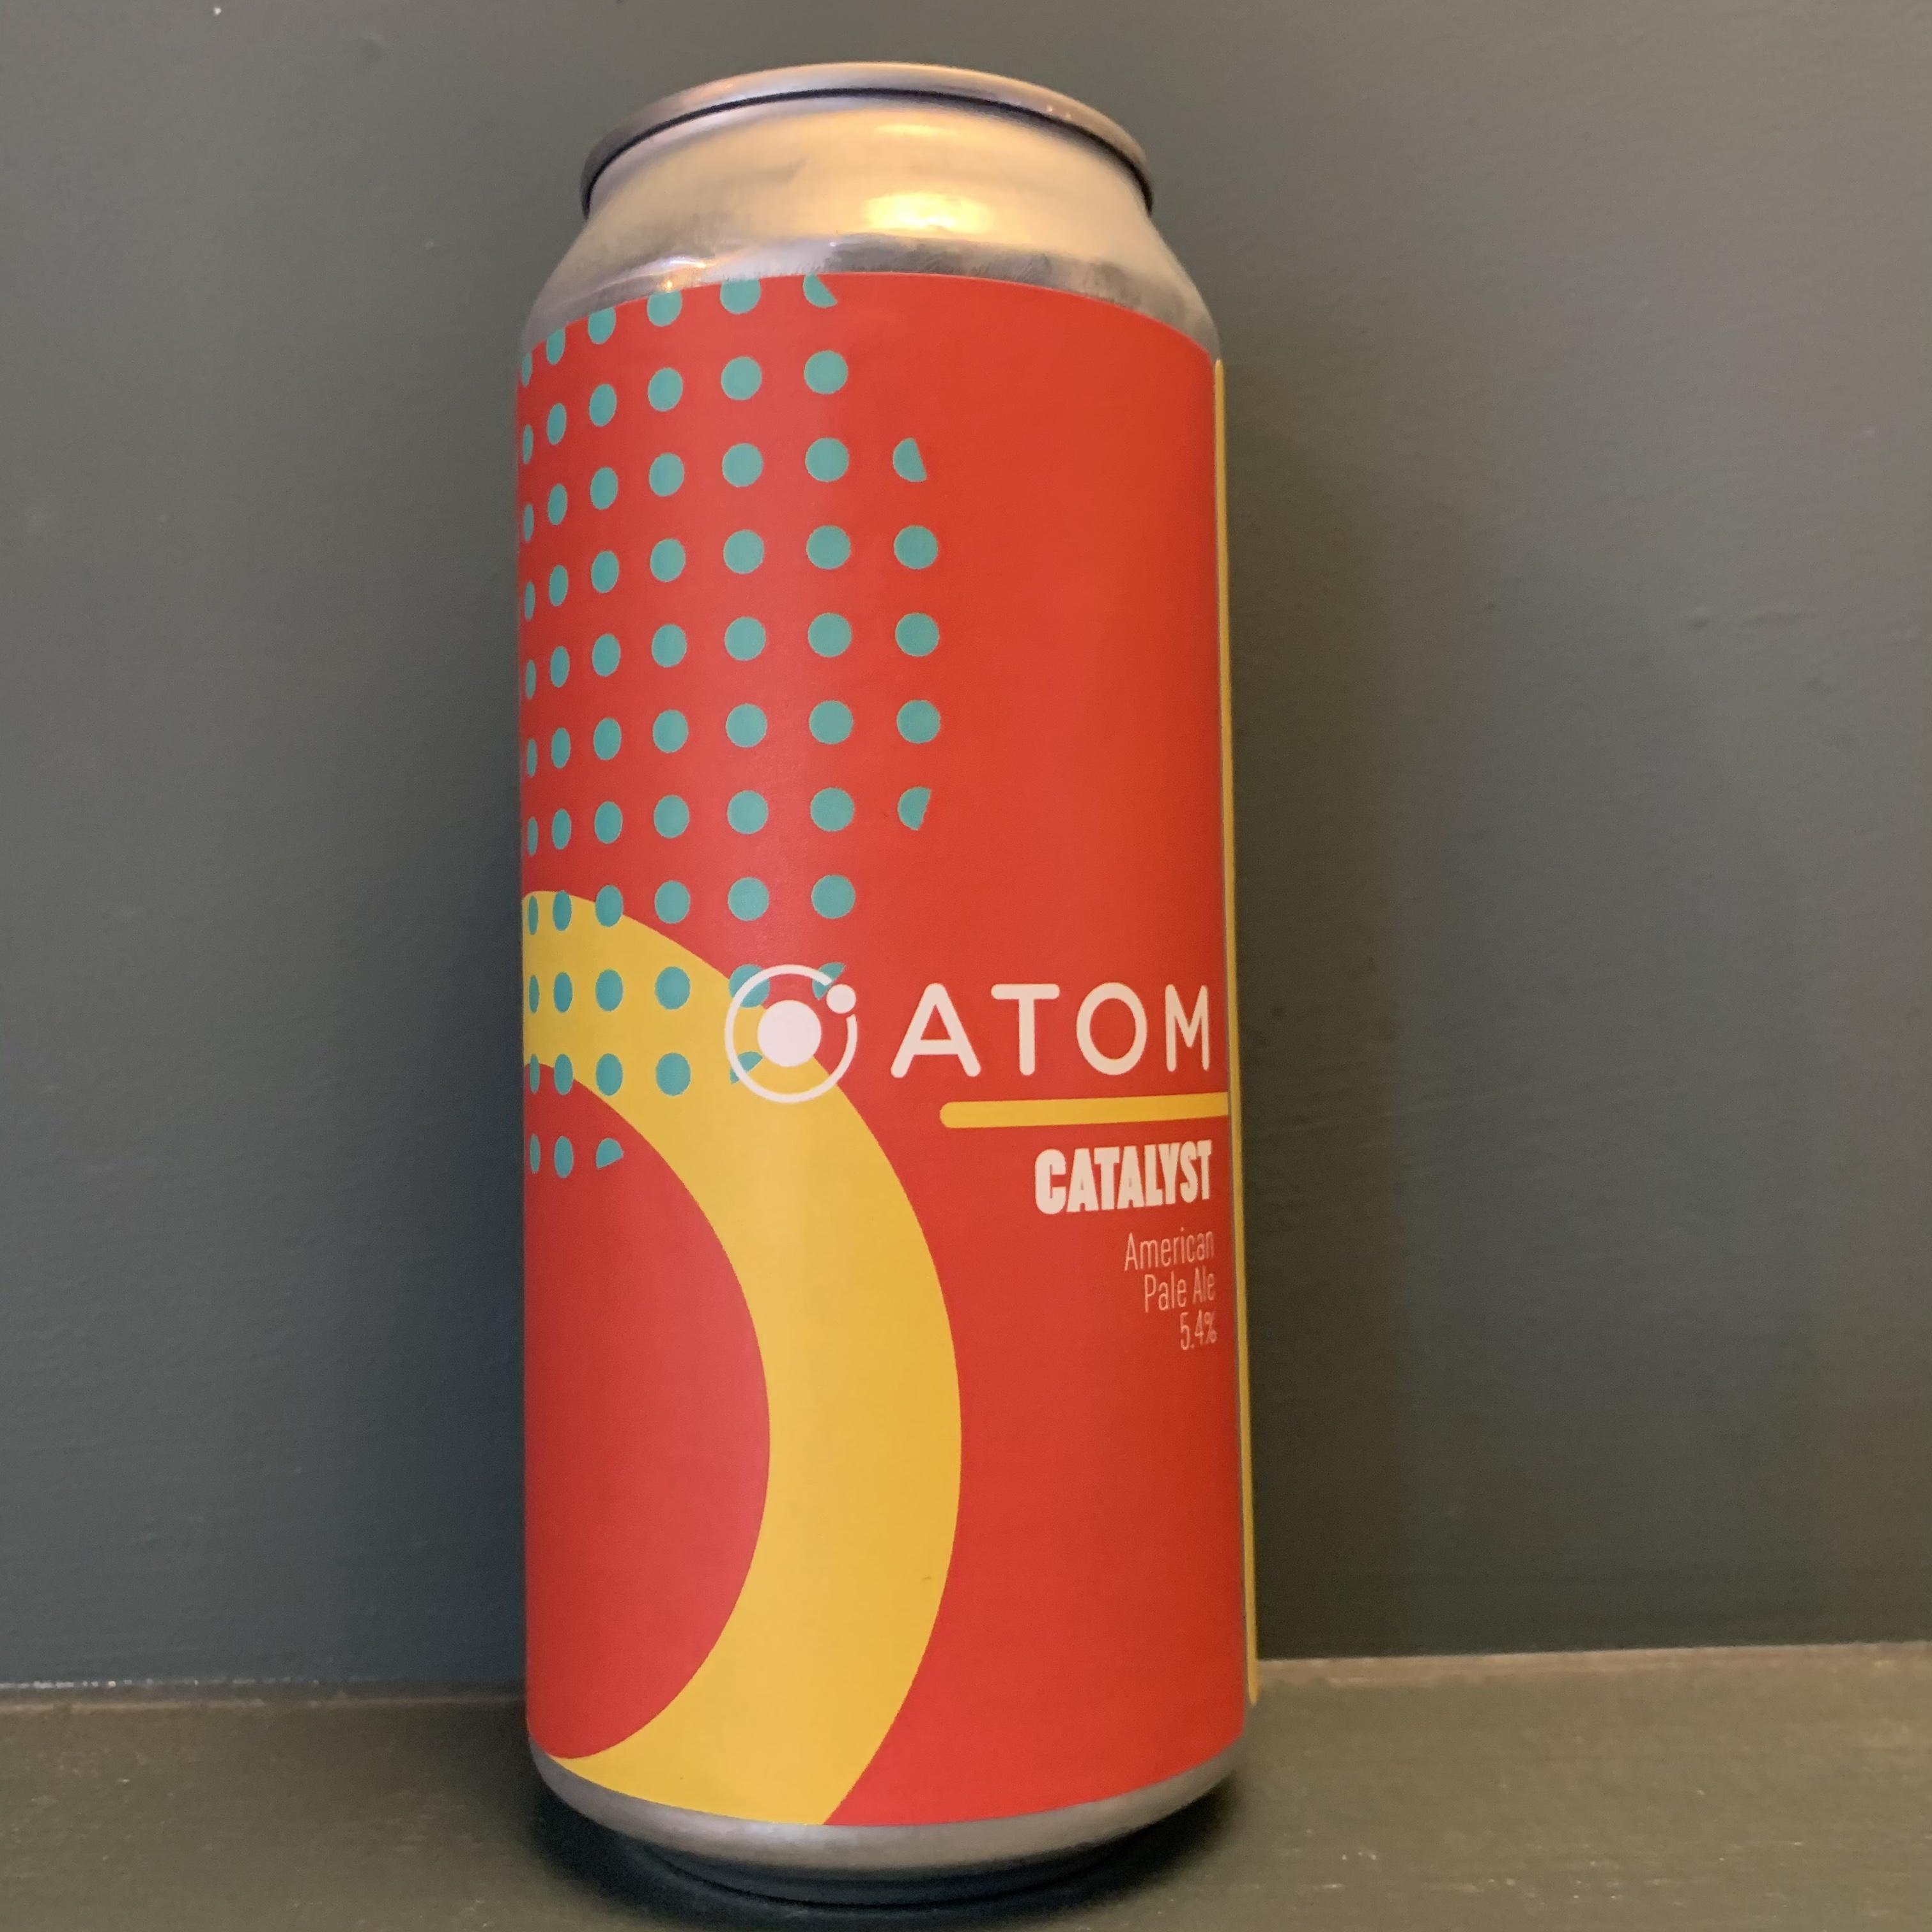 Atom - Catalyst